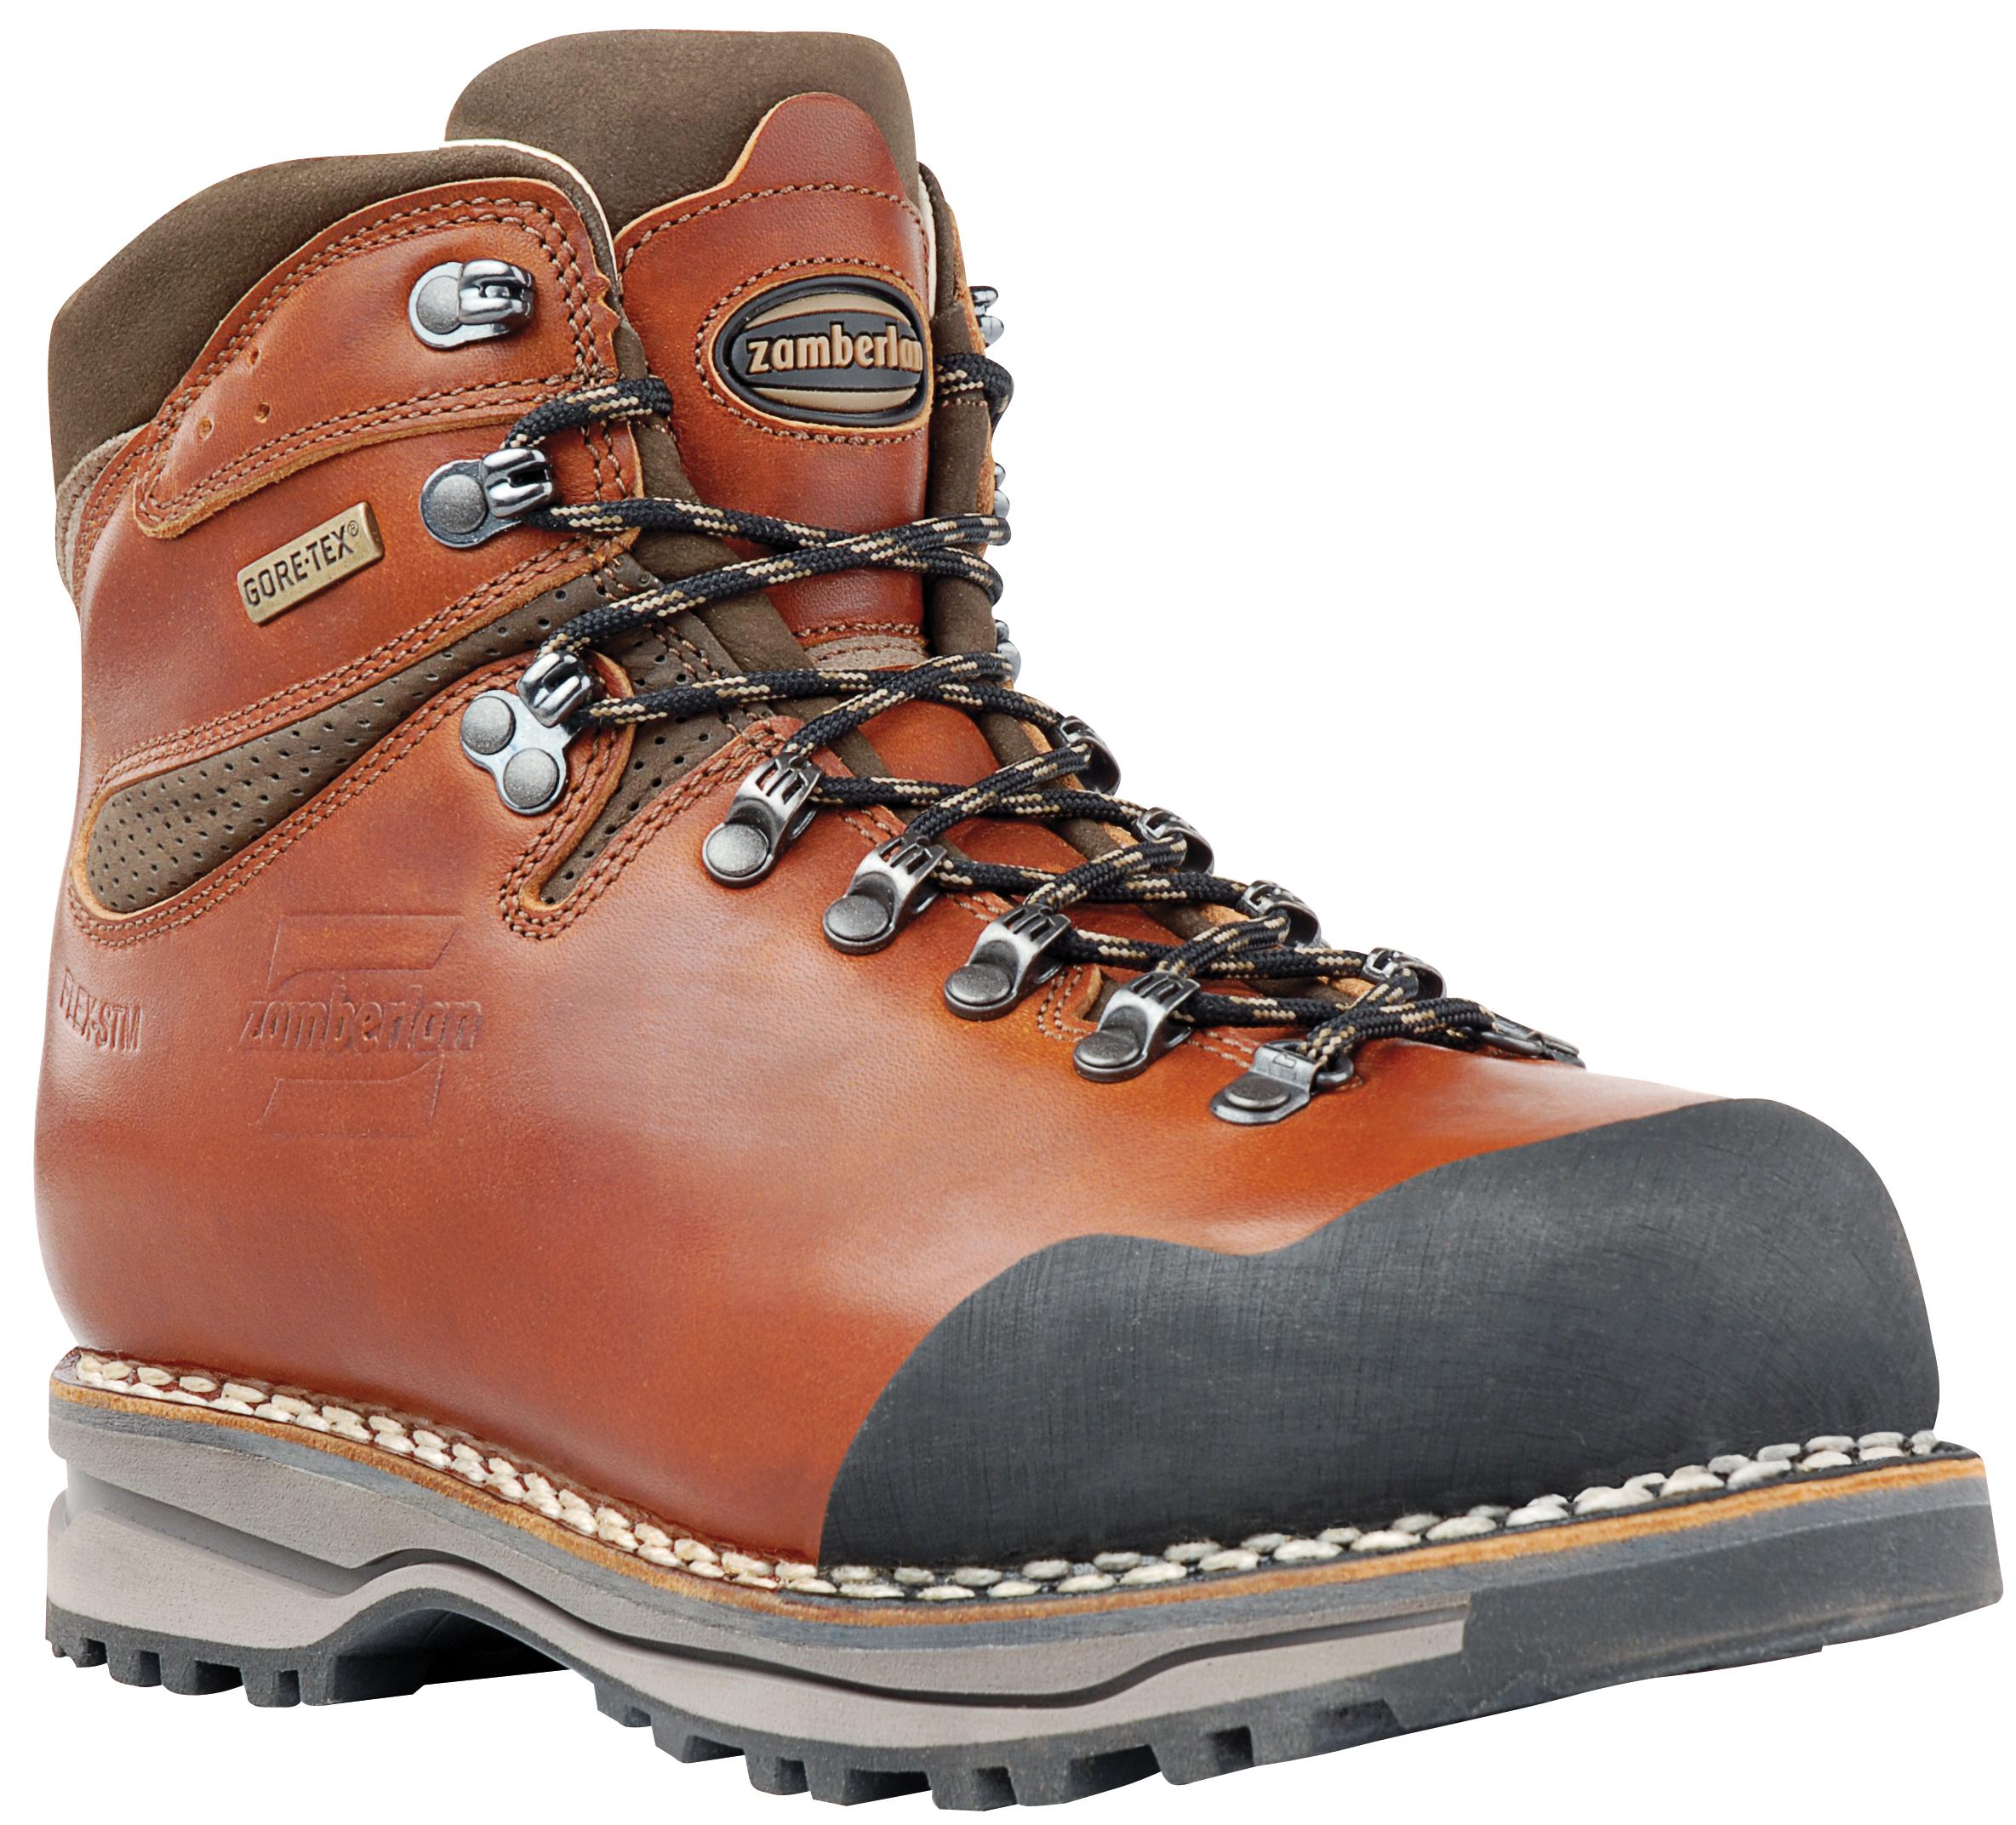 ebdbacd9781 Zamberlan Tofane NW GT Backpacking Boots - Men's